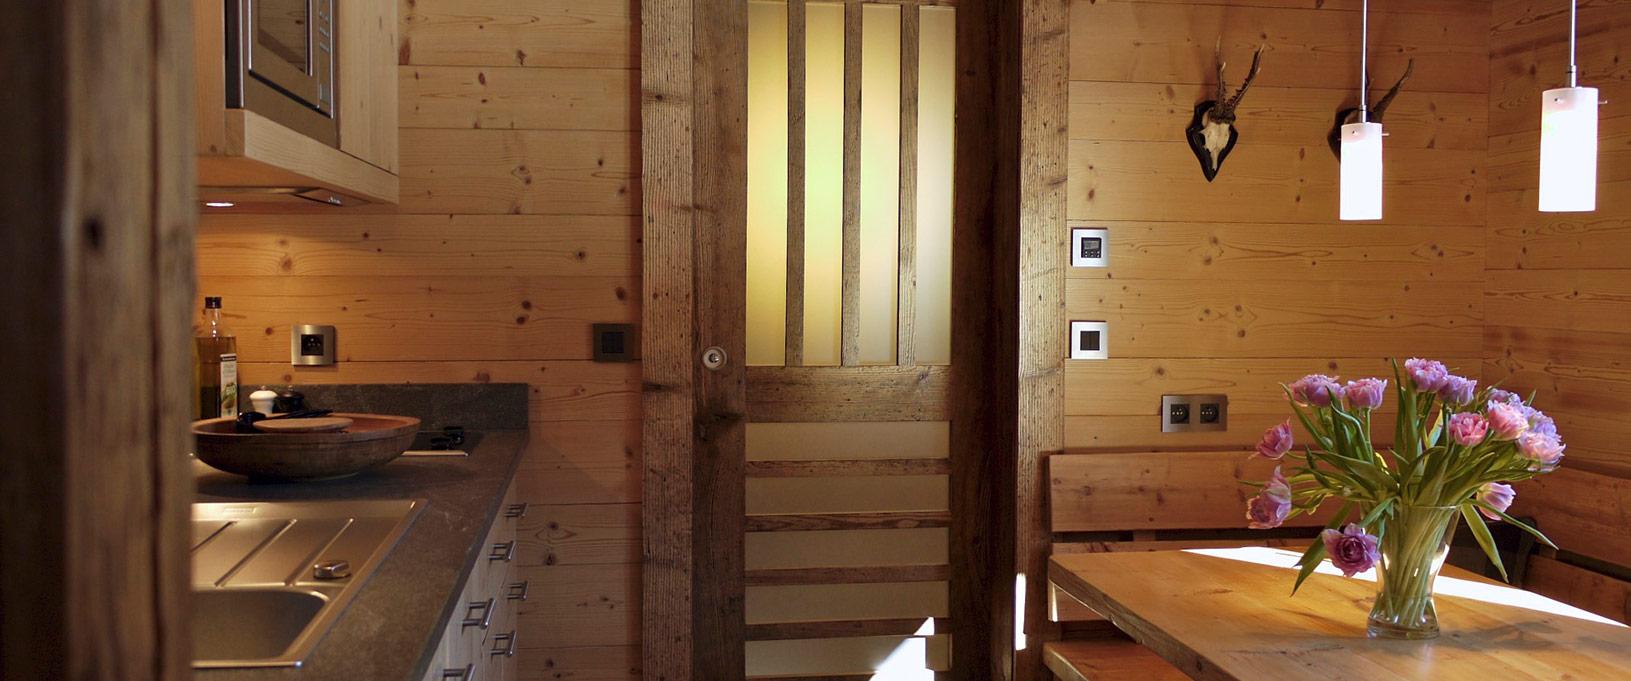 Cabane en bois : 7 idées sympa pour décorer son intérieur